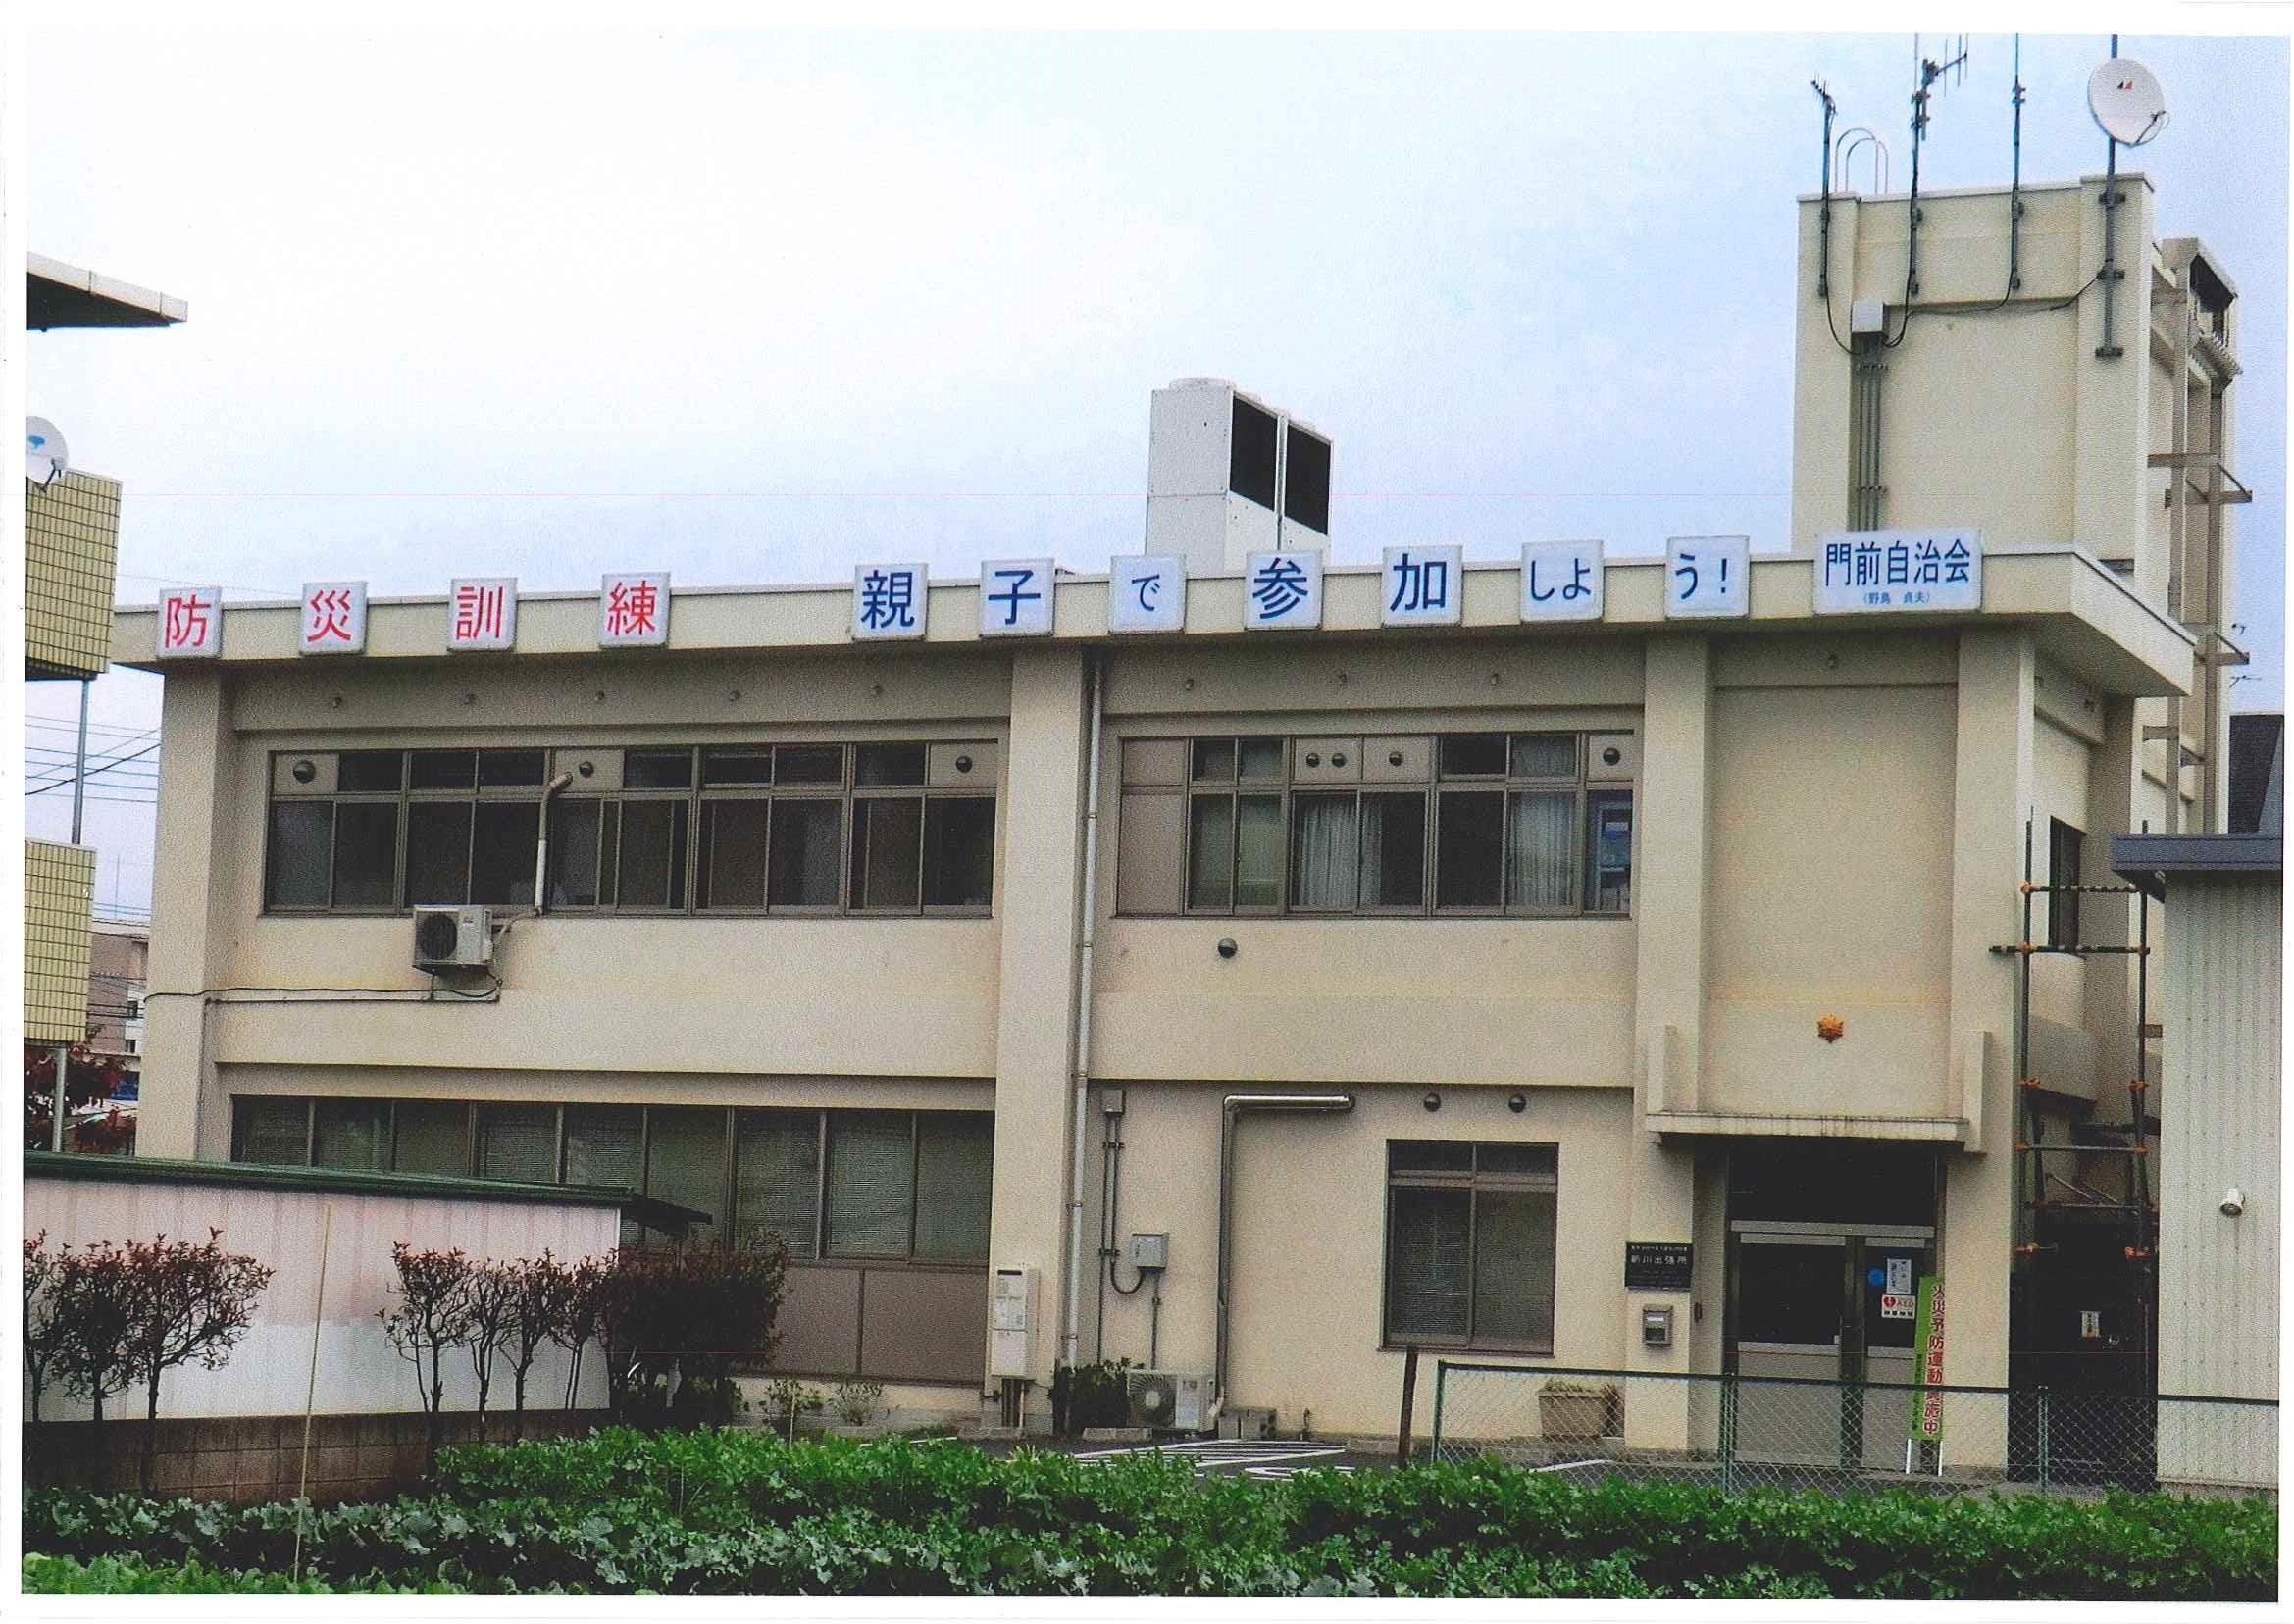 H261211_新川消防出張所